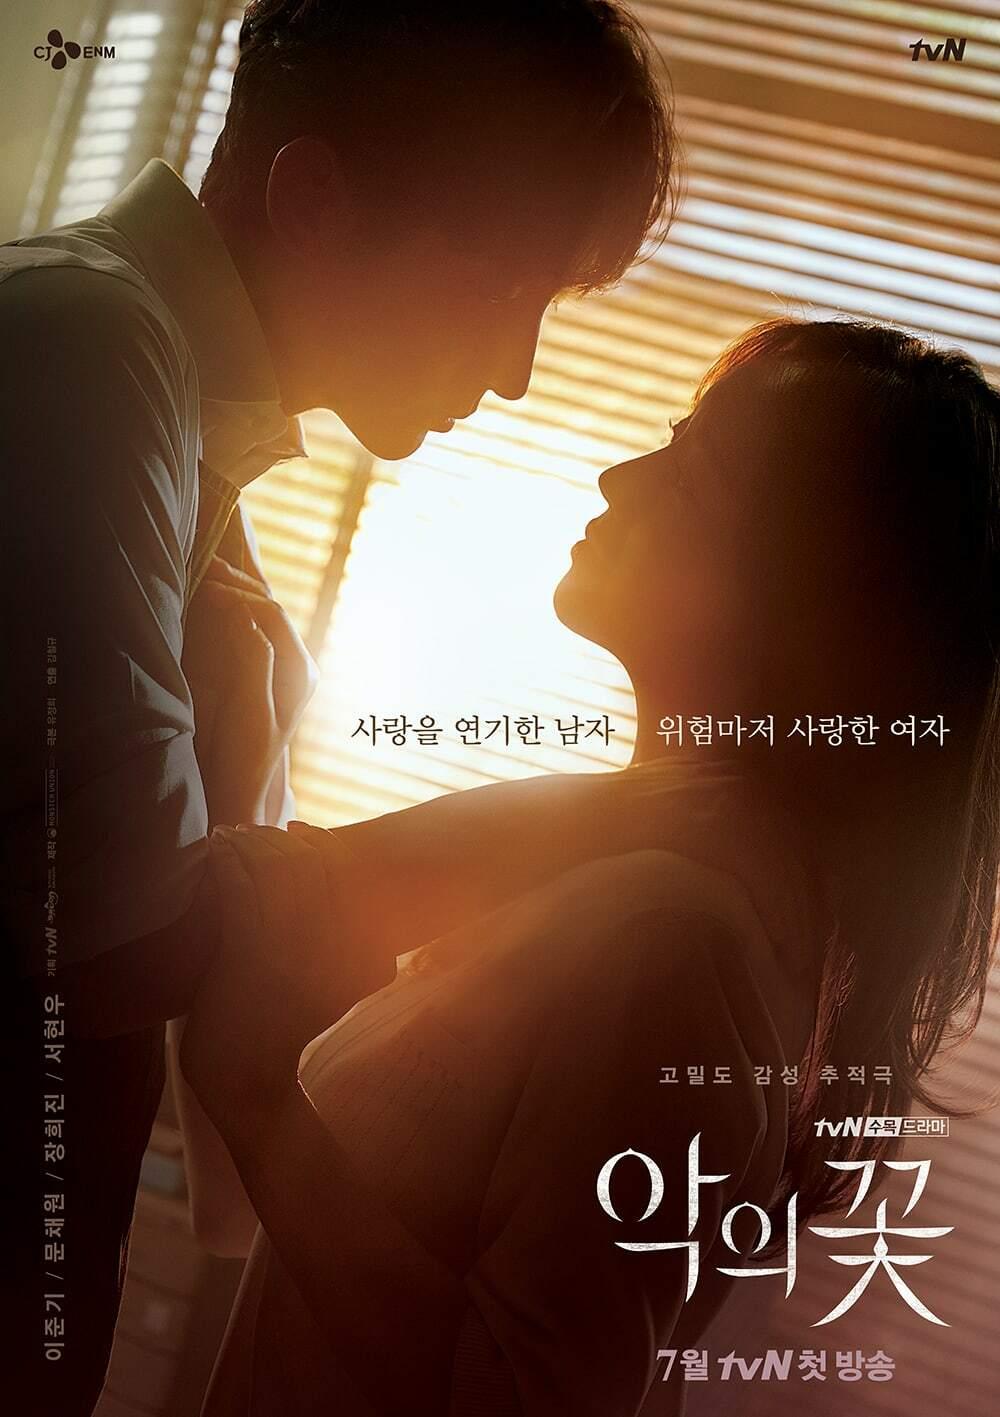 Lee Jun Ki đóng vai kẻ sát nhân lừa dối vợ - 1